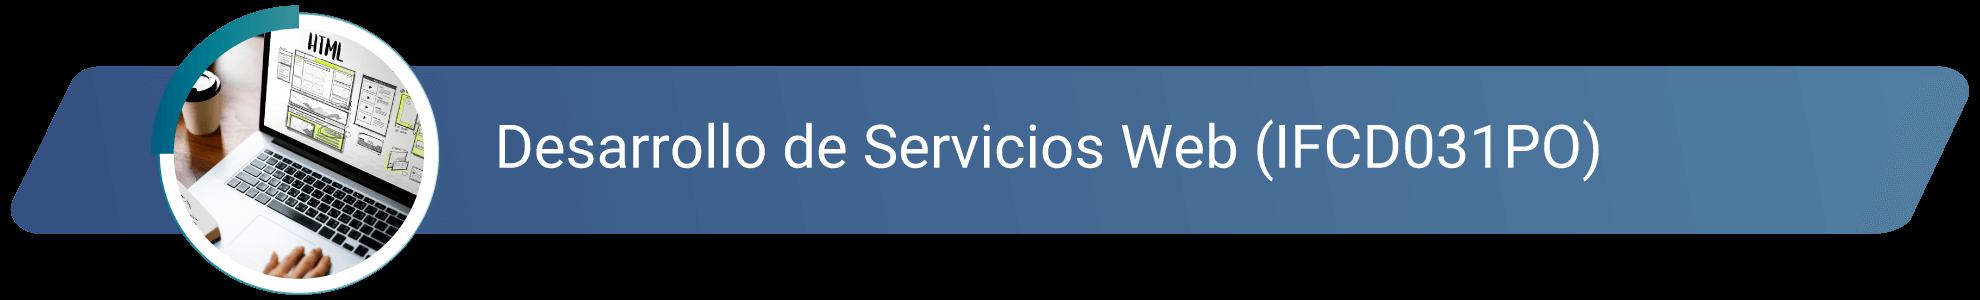 IFCD031PO - Desarrollo de Servicios Web